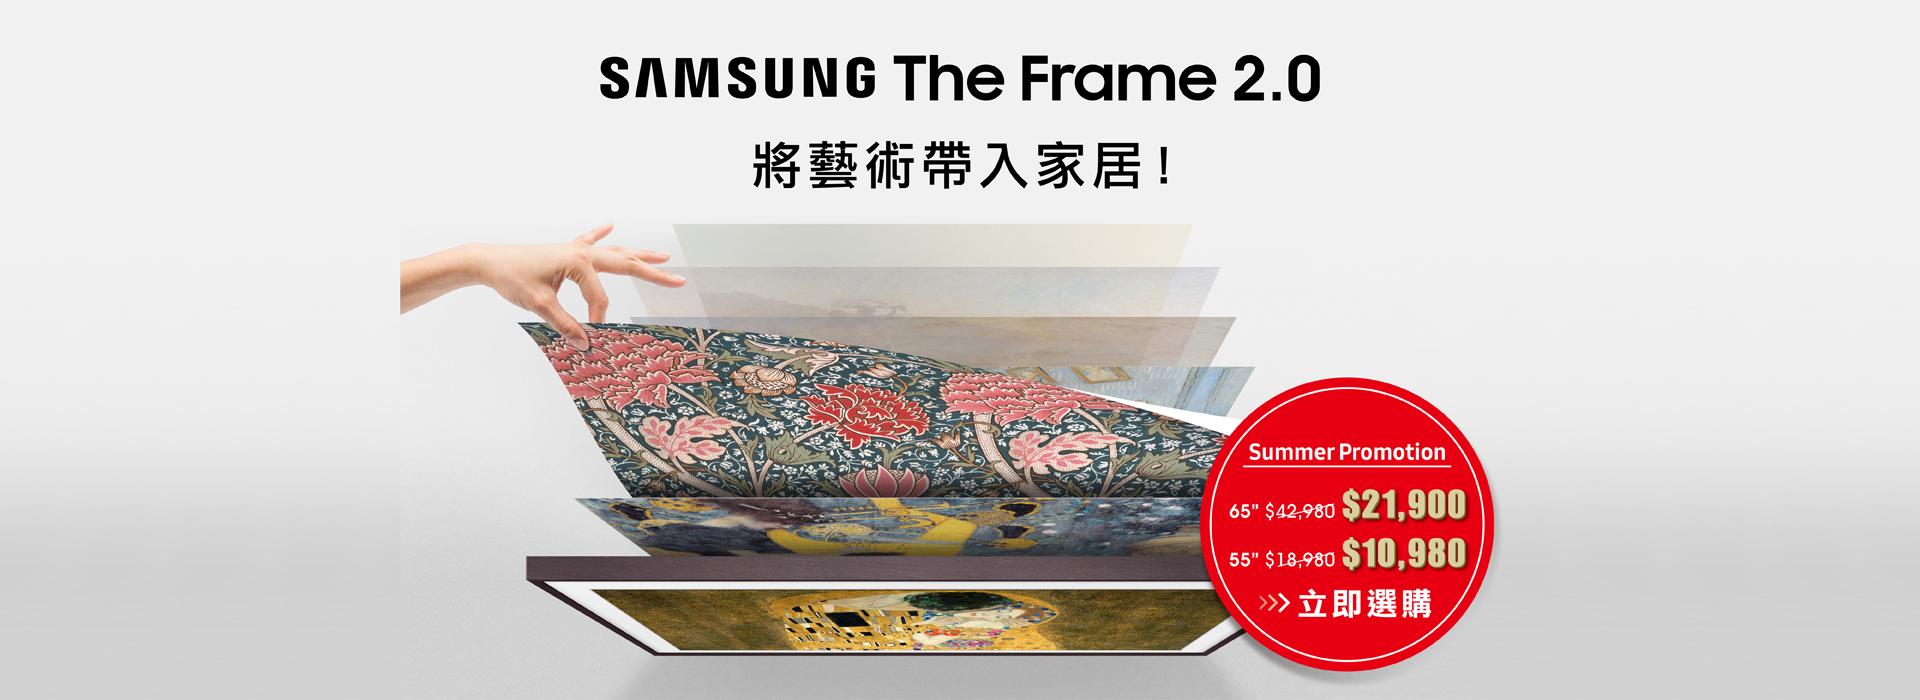 Frame 2.0 Promotion